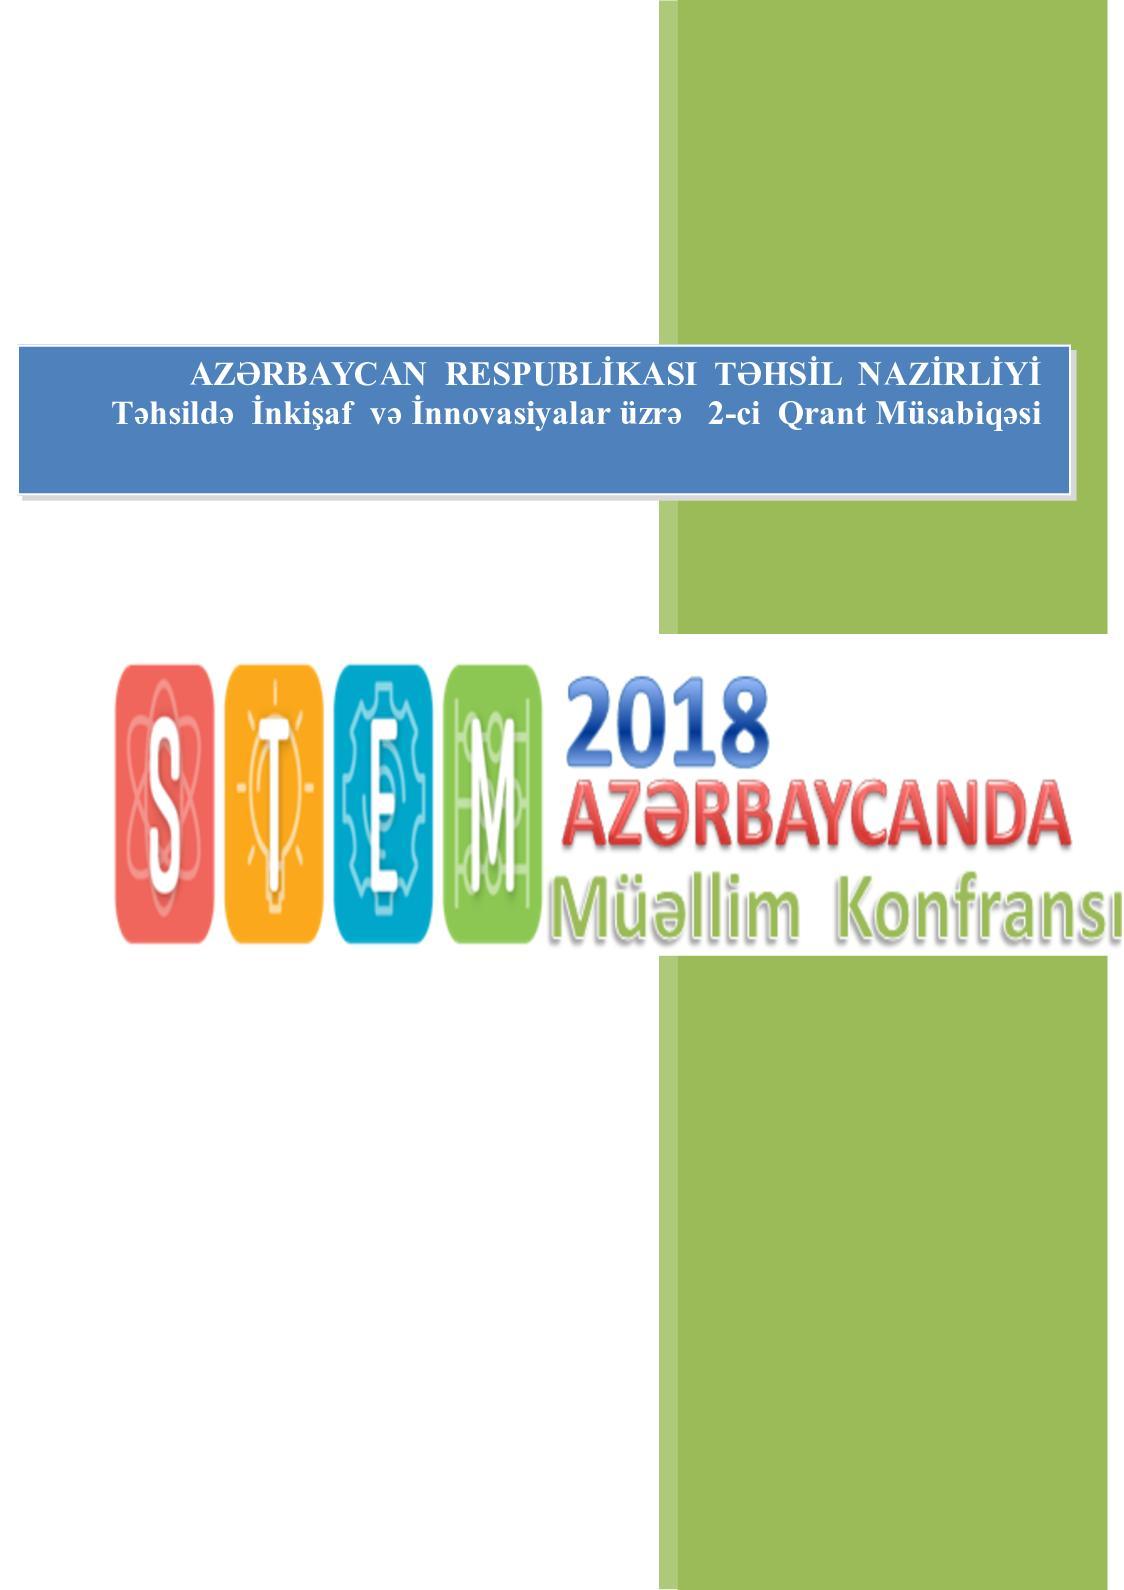 """""""STEM AZƏRBAYCANDA 2018"""" Müəllim  Konfransı layihəsi   KONFRANS  MATERİALLARI"""